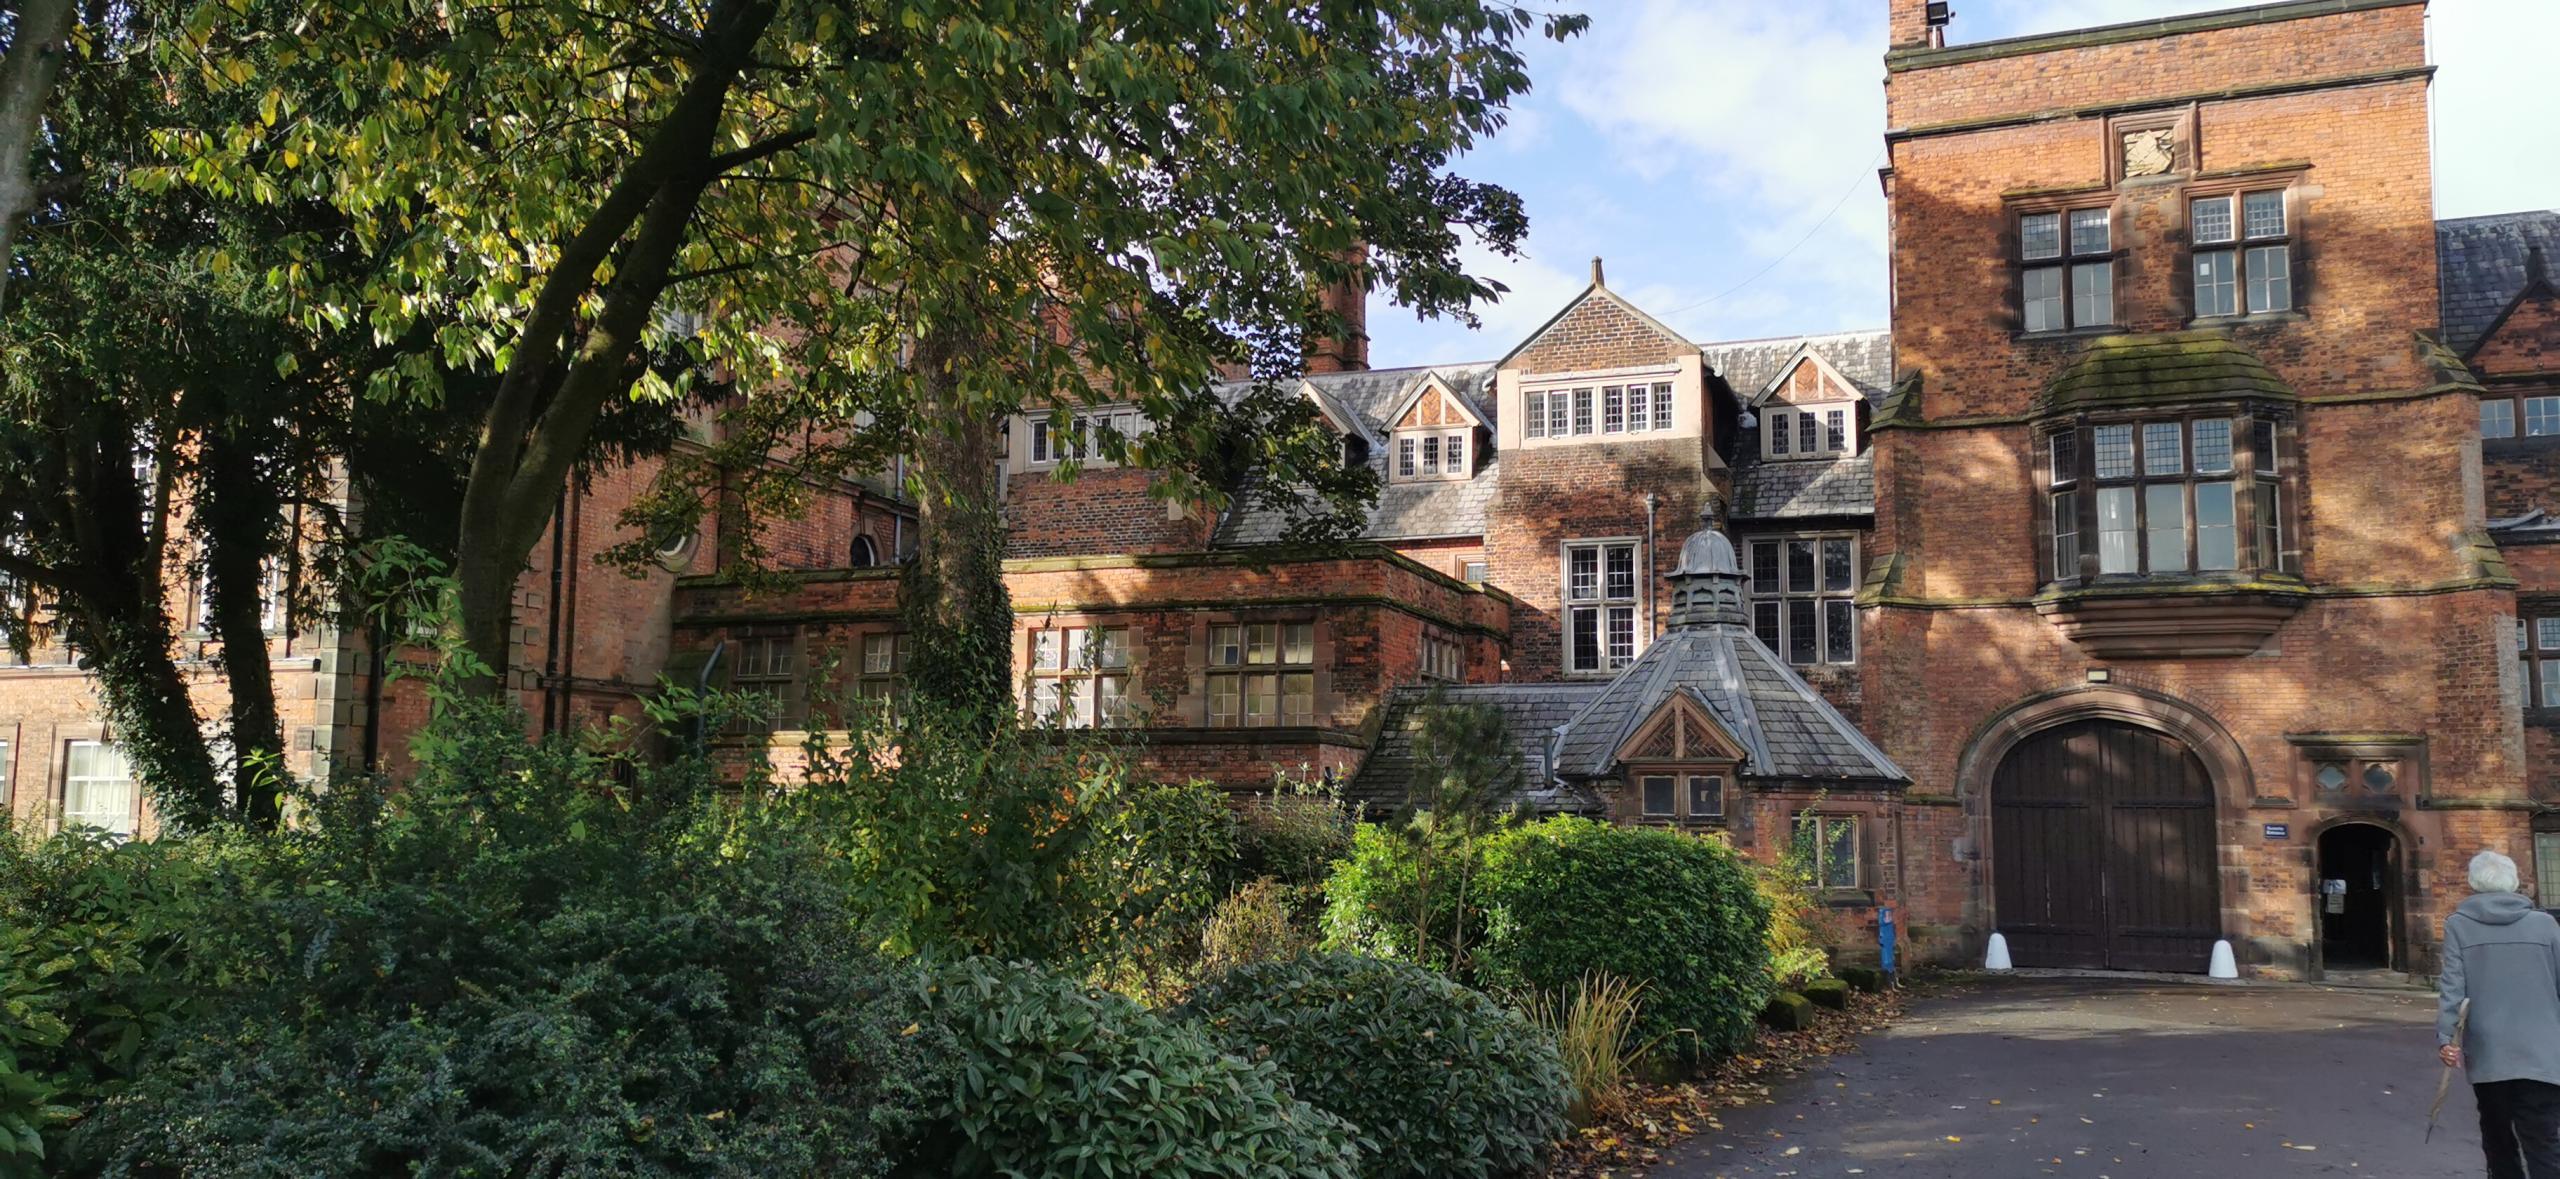 Croxteth Hall (rear entry)